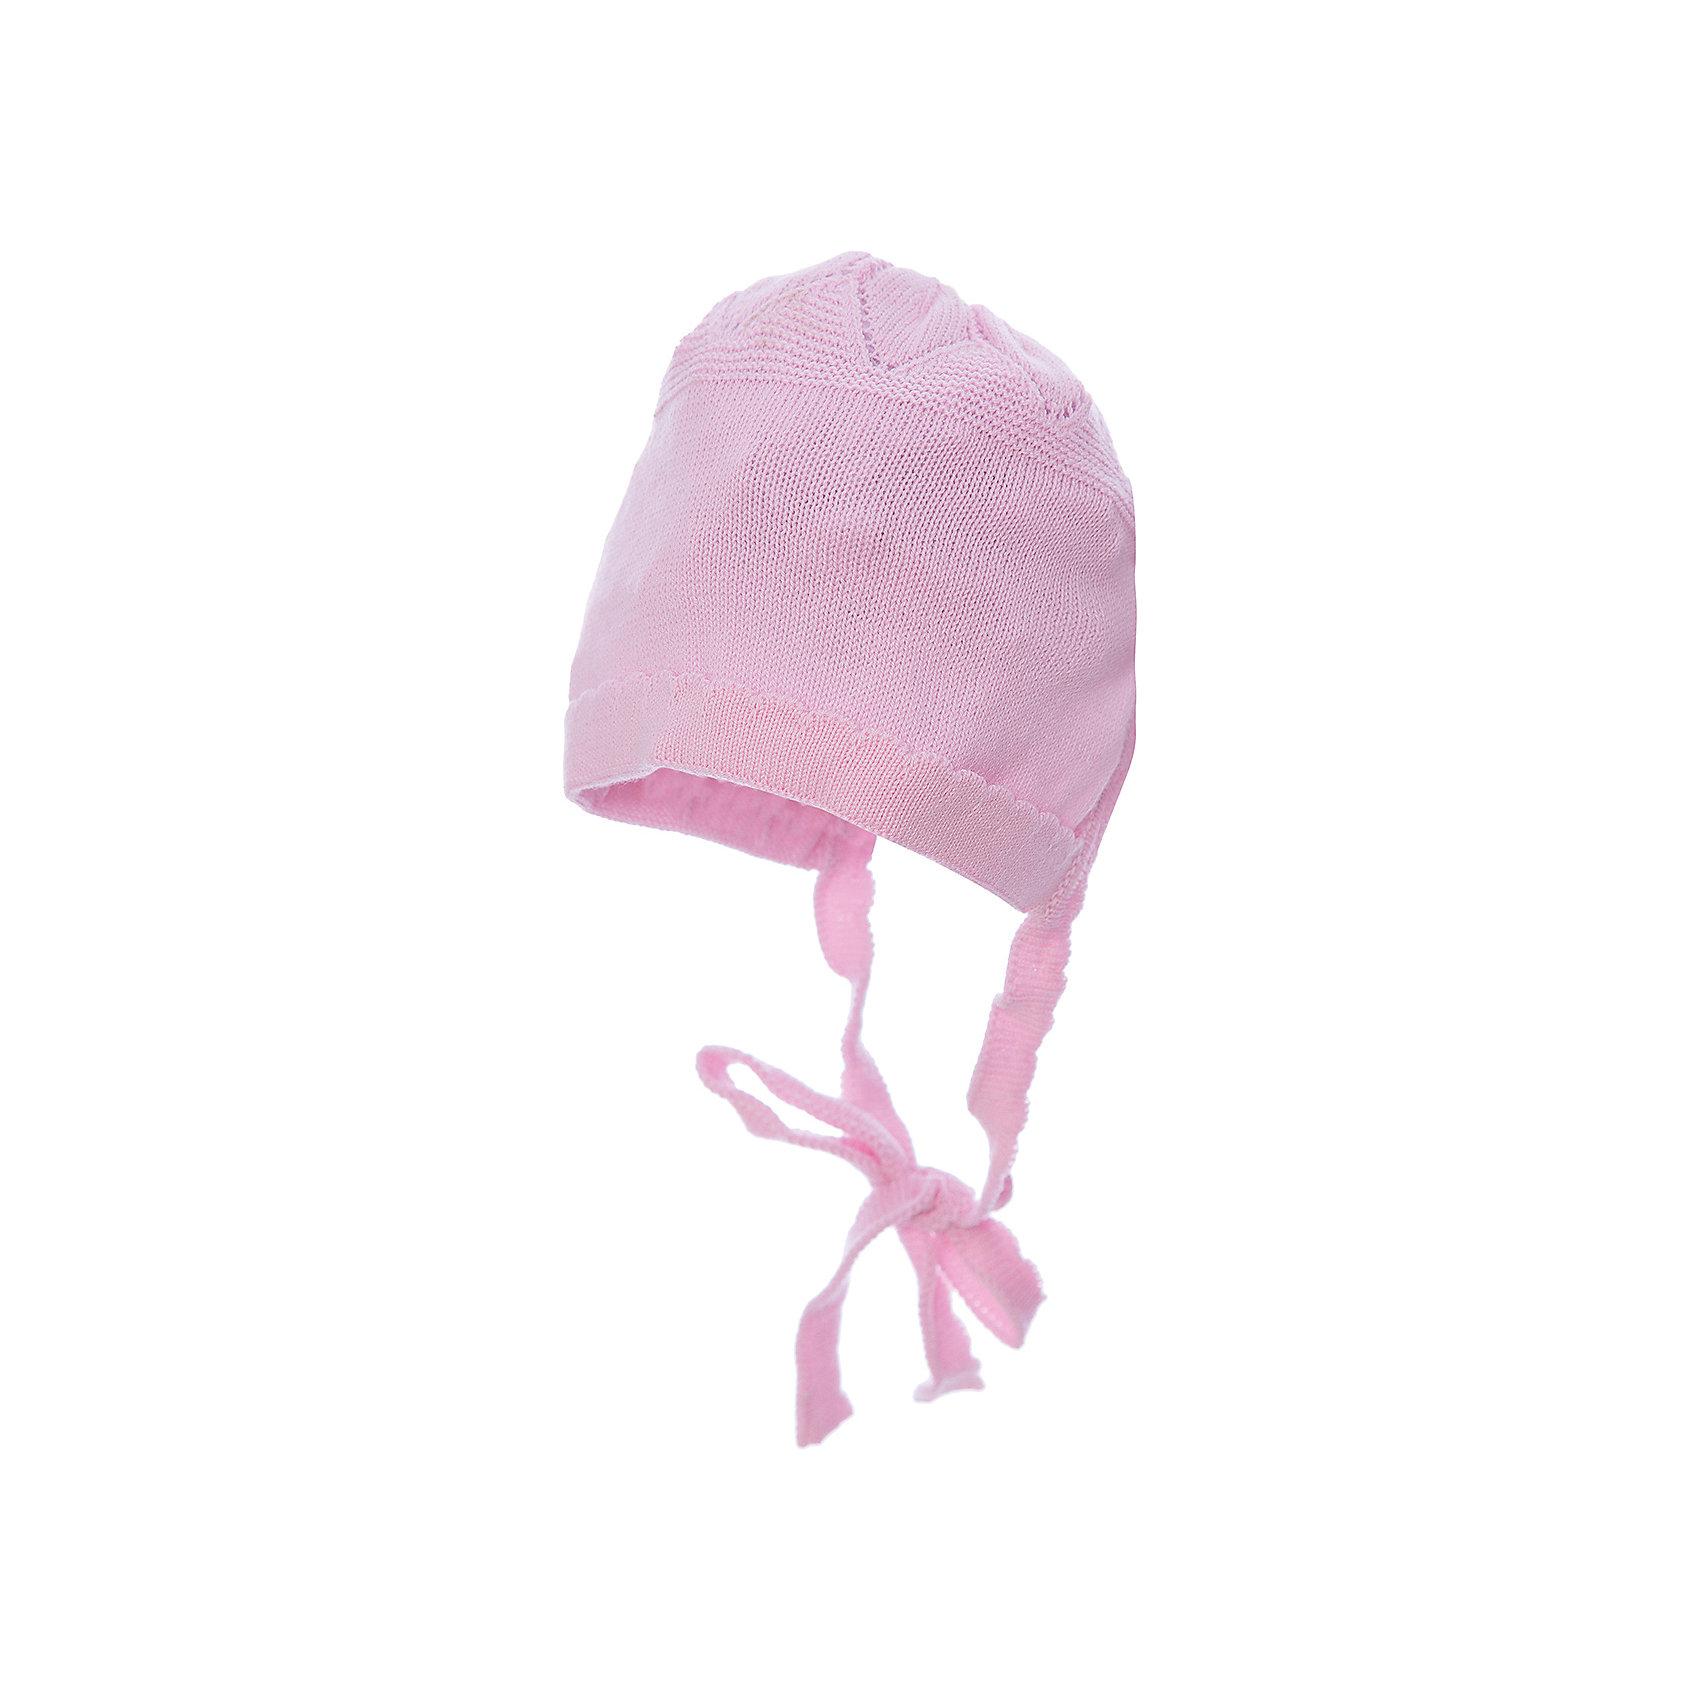 Шапка для девочки АртельШапка для девочки от торговой марки Артель <br><br>Модная шапка отлично смотрится на детях и комфортно сидит. Эта модель создана специально для девочек. Изделие выполнено из качественных материалов. Отличный вариант для переменной погоды межсезонья! <br>Одежда от бренда Артель – это высокое качество по приемлемой цене и всегда продуманный дизайн. <br><br>Особенности модели: <br>- цвет — розовый; <br>- есть завязки; <br>- натуральный хлопок. <br><br>Дополнительная информация: <br><br>Состав: 100% хлопок.<br><br>Шапку для девочки Артель (Artel) можно купить в нашем магазине.<br><br>Ширина мм: 89<br>Глубина мм: 117<br>Высота мм: 44<br>Вес г: 155<br>Цвет: розовый<br>Возраст от месяцев: 1<br>Возраст до месяцев: 2<br>Пол: Женский<br>Возраст: Детский<br>Размер: 40,42,38,36<br>SKU: 4500563